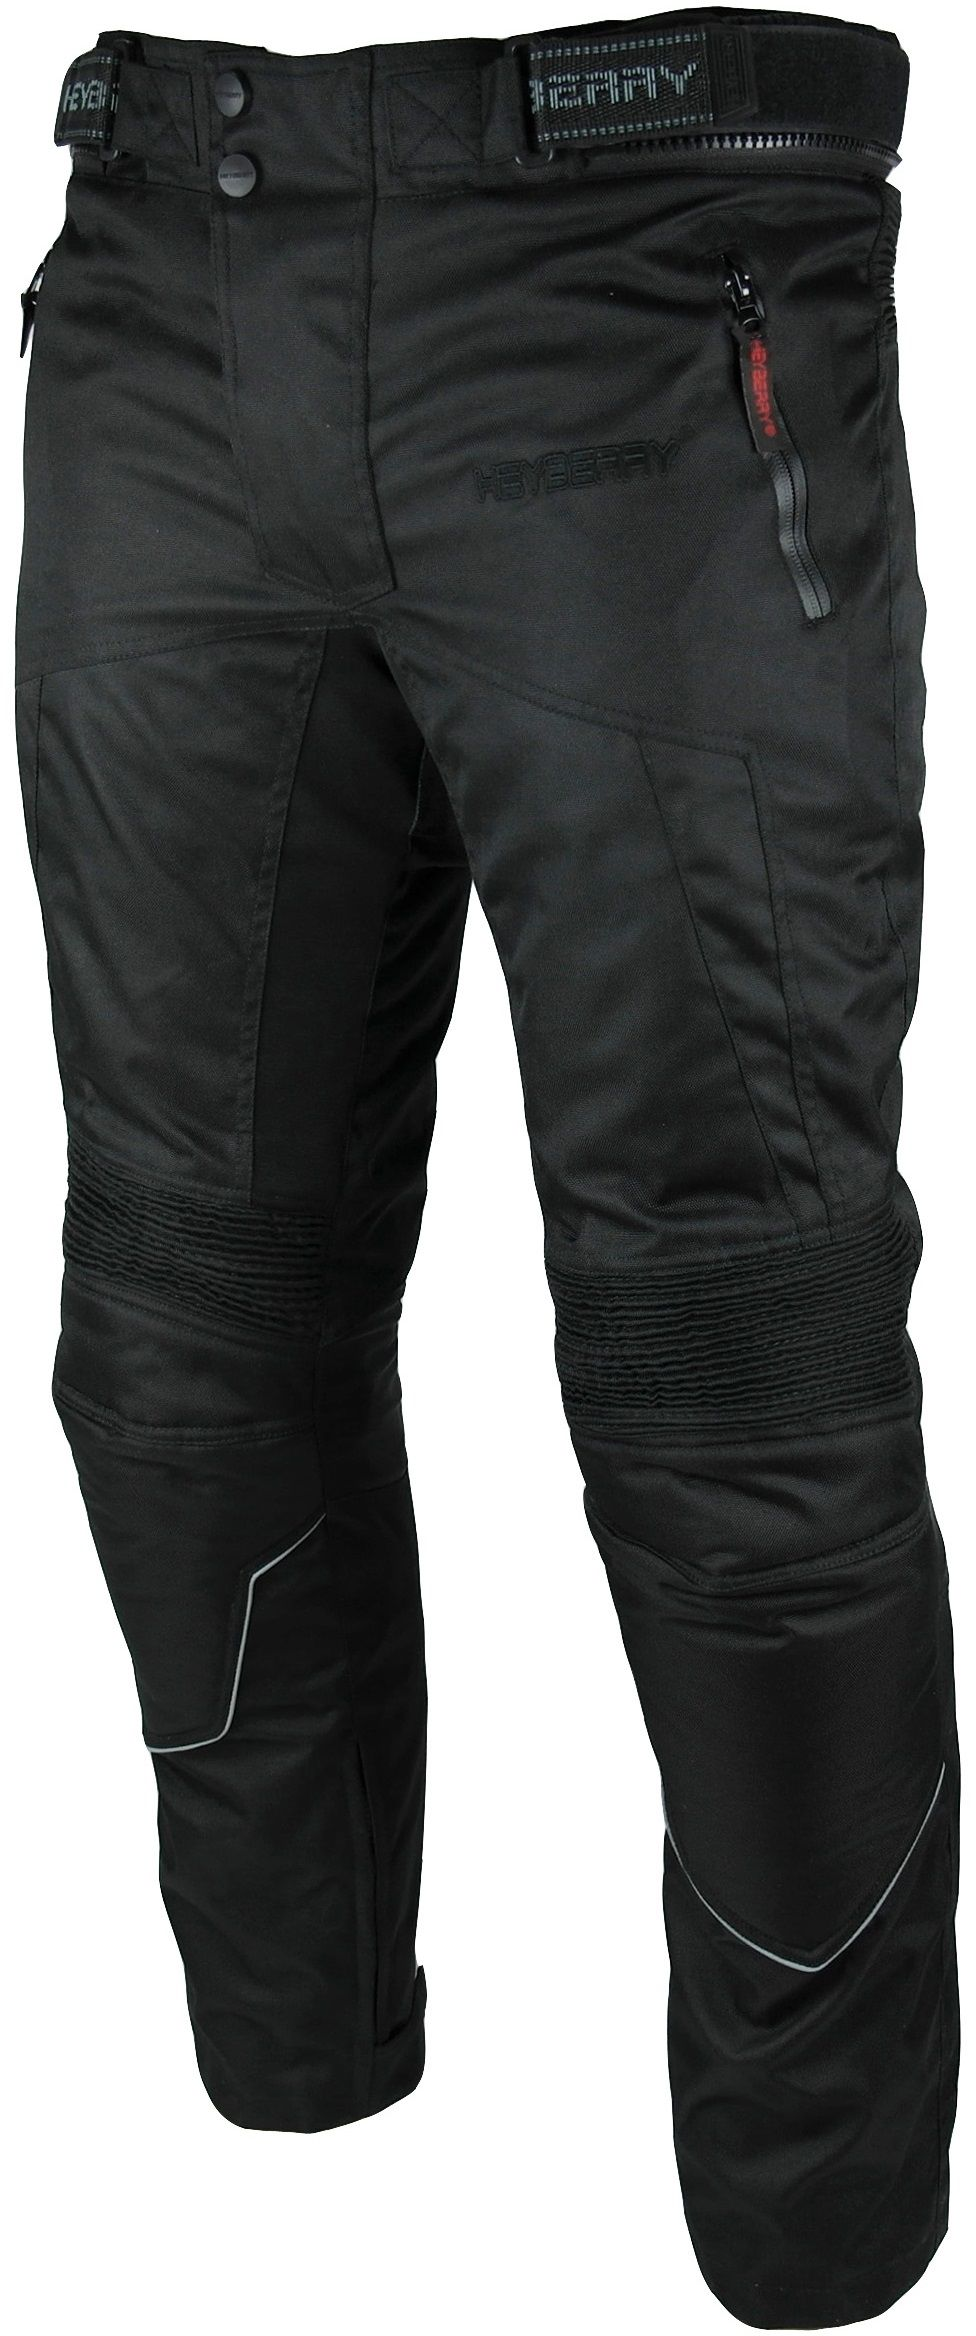 Heyberry Motorradhose Textil Schwarz Gr. M - 3XL